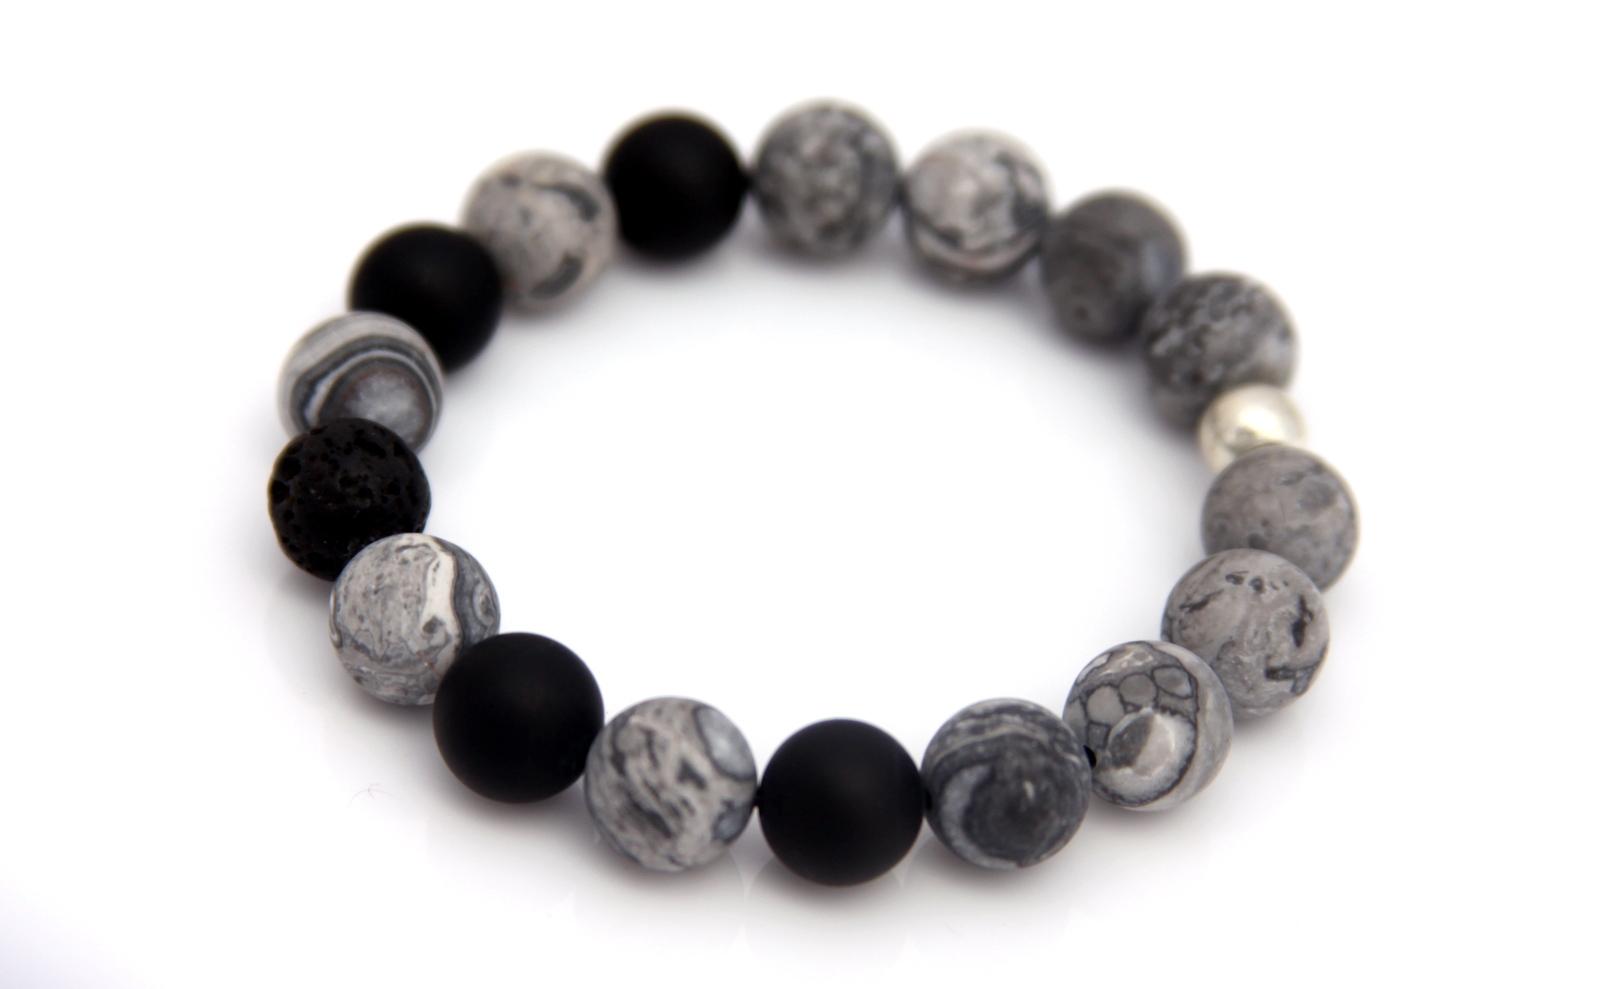 Grey Lava Bead Bracelet Handmade Jewelry By Jewelry